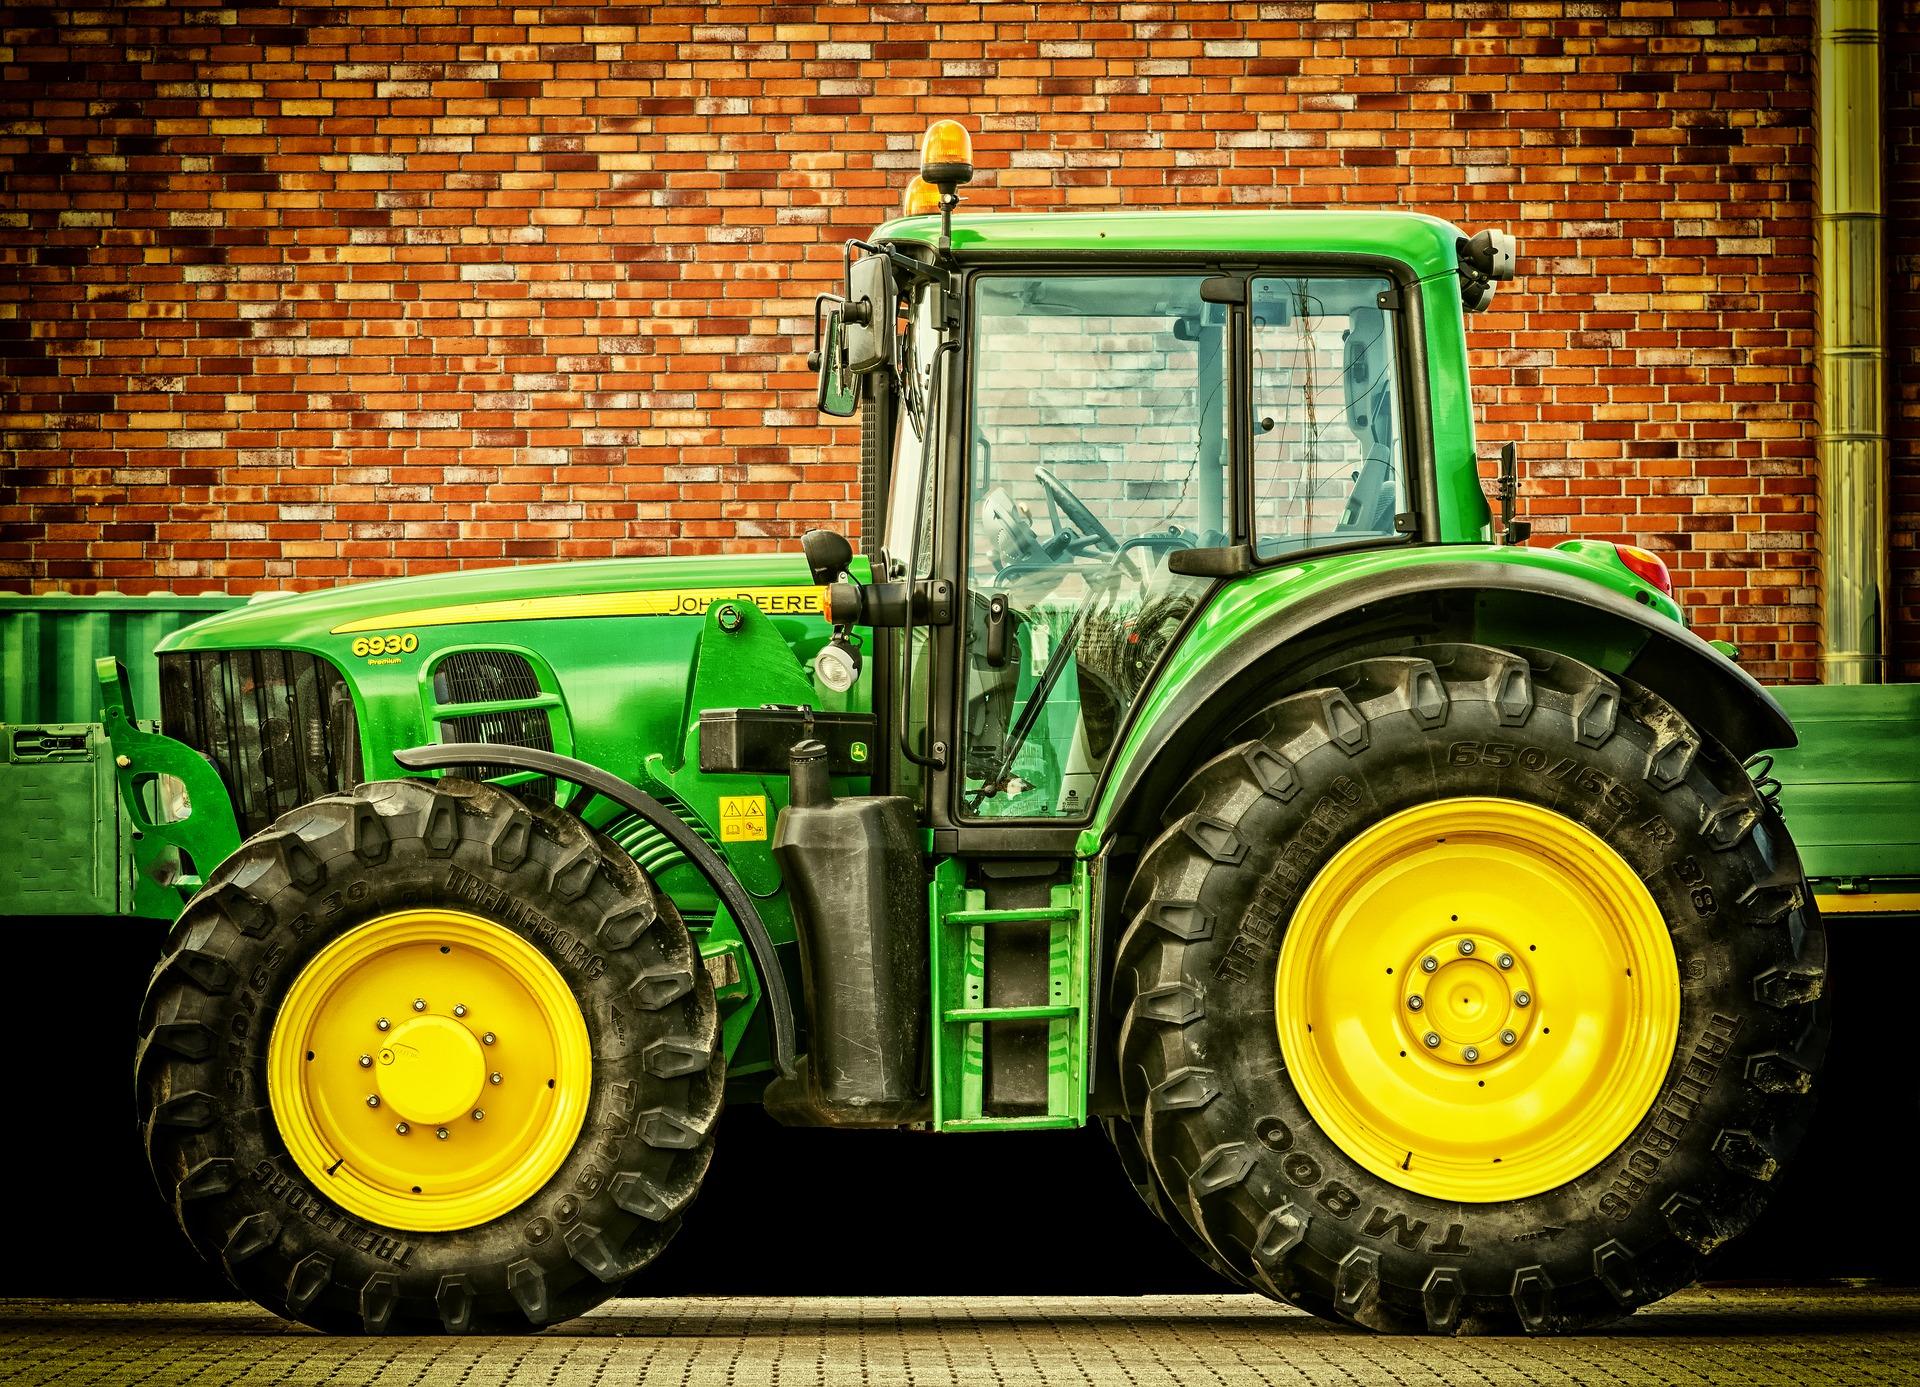 tractor-2077639_1920 copy.jpg